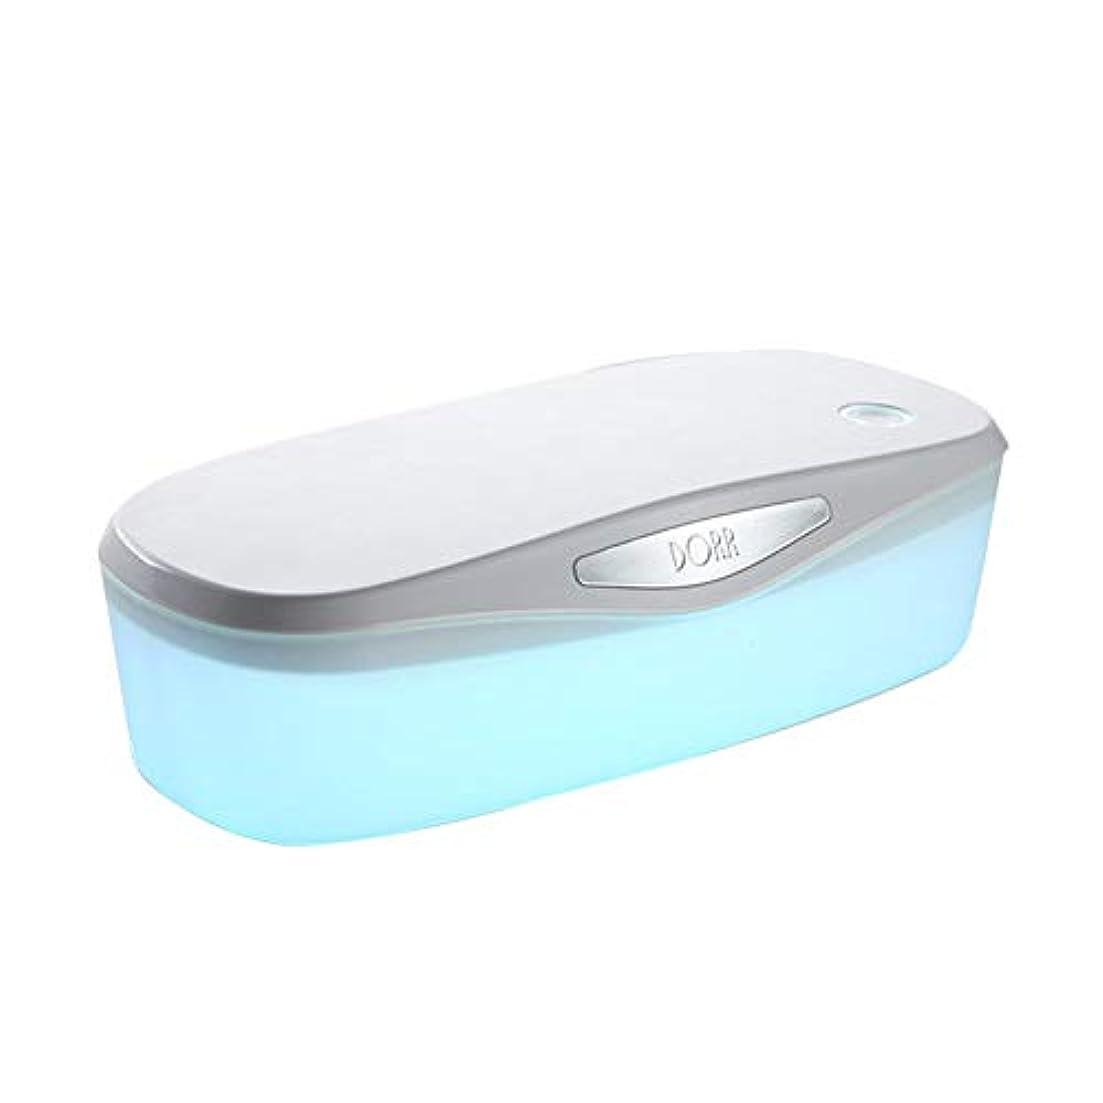 準備空白誰でも紫外線殺菌箱、携帯用USBの抗菌性のオゾン殺菌の殺菌ランプが付いている紫外線殺菌装置、おしゃぶりのための美用具の滅菌装置成人用製品大広間用具食器類化粧筆歯ブラシ